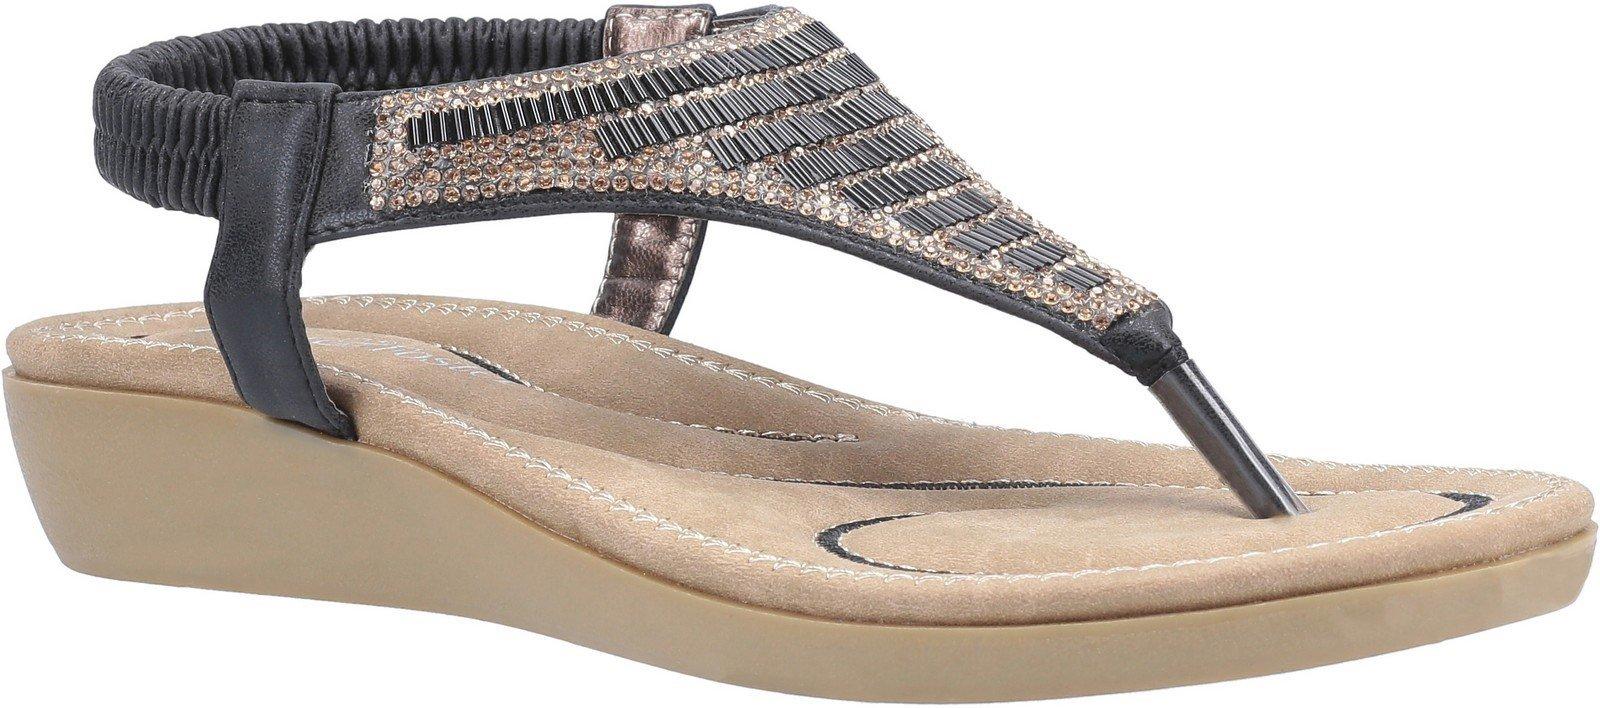 Fleet & Foster Women's Lianne Slip On Sandal Various Colours 30098 - Black 5